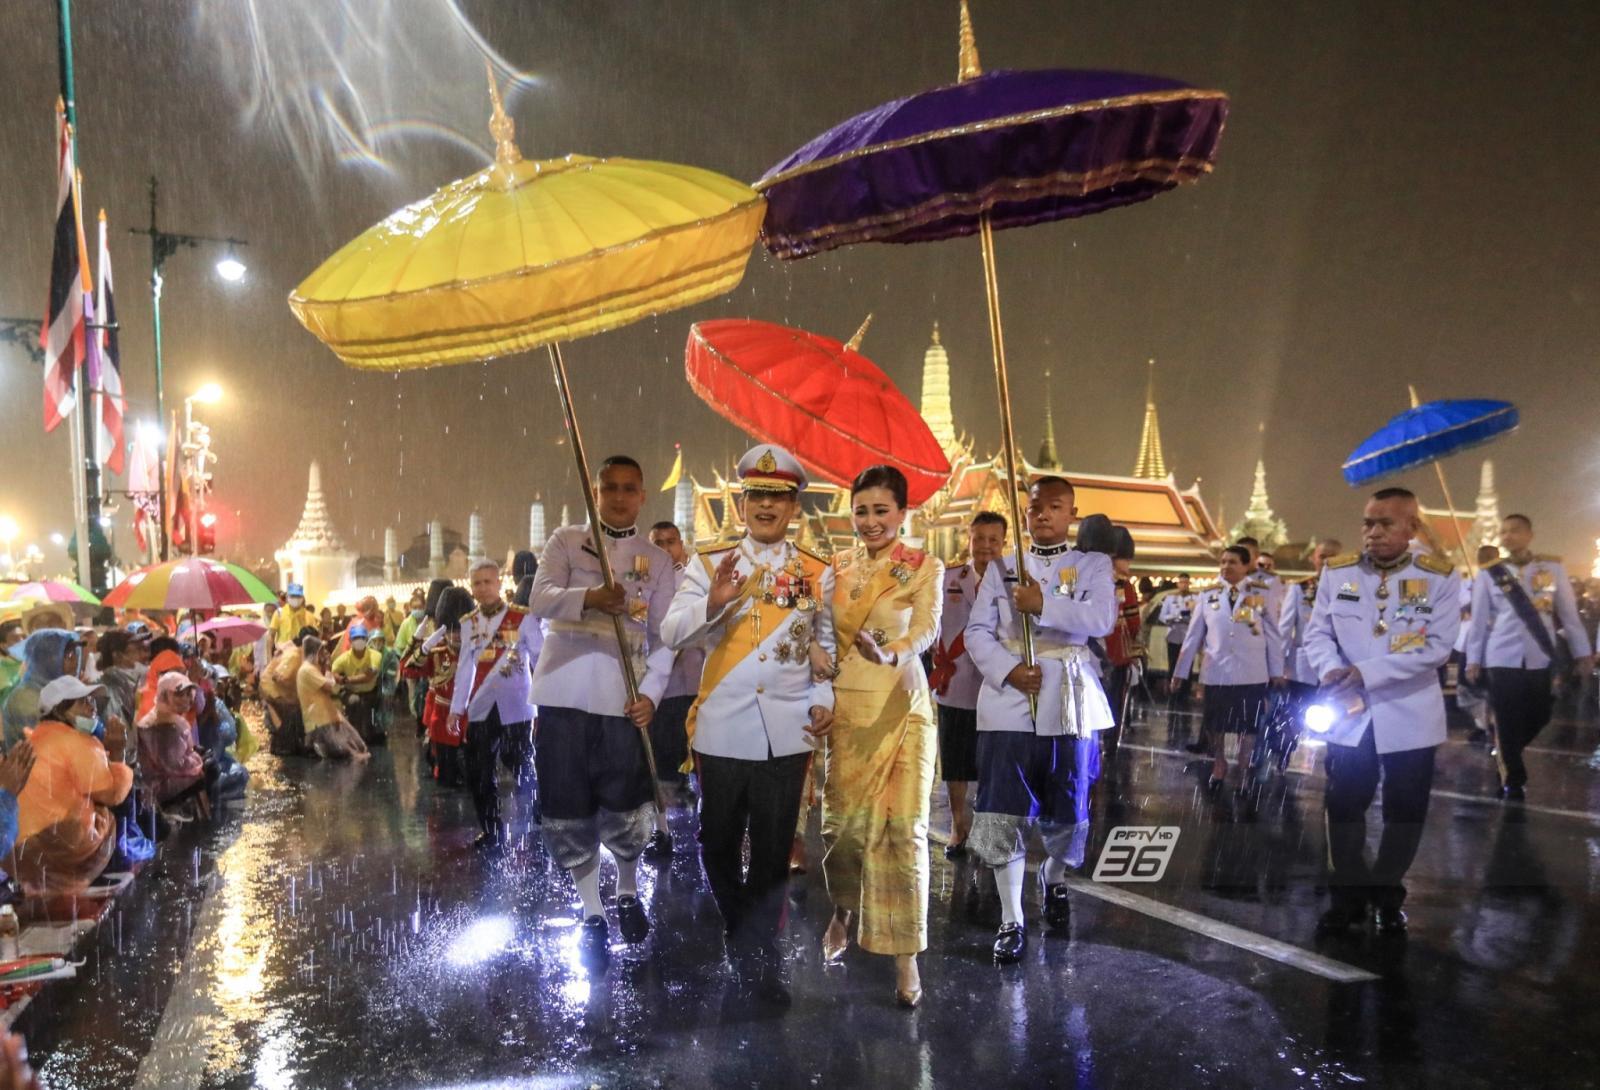 ทรงพระเจริญดังก้อง 'ในหลวง - พระราชินี' ทรงพระดำเนินท่ามกลางสายฝน ทักทายพสกนิกร เฝ้ารับเสด็จฯ